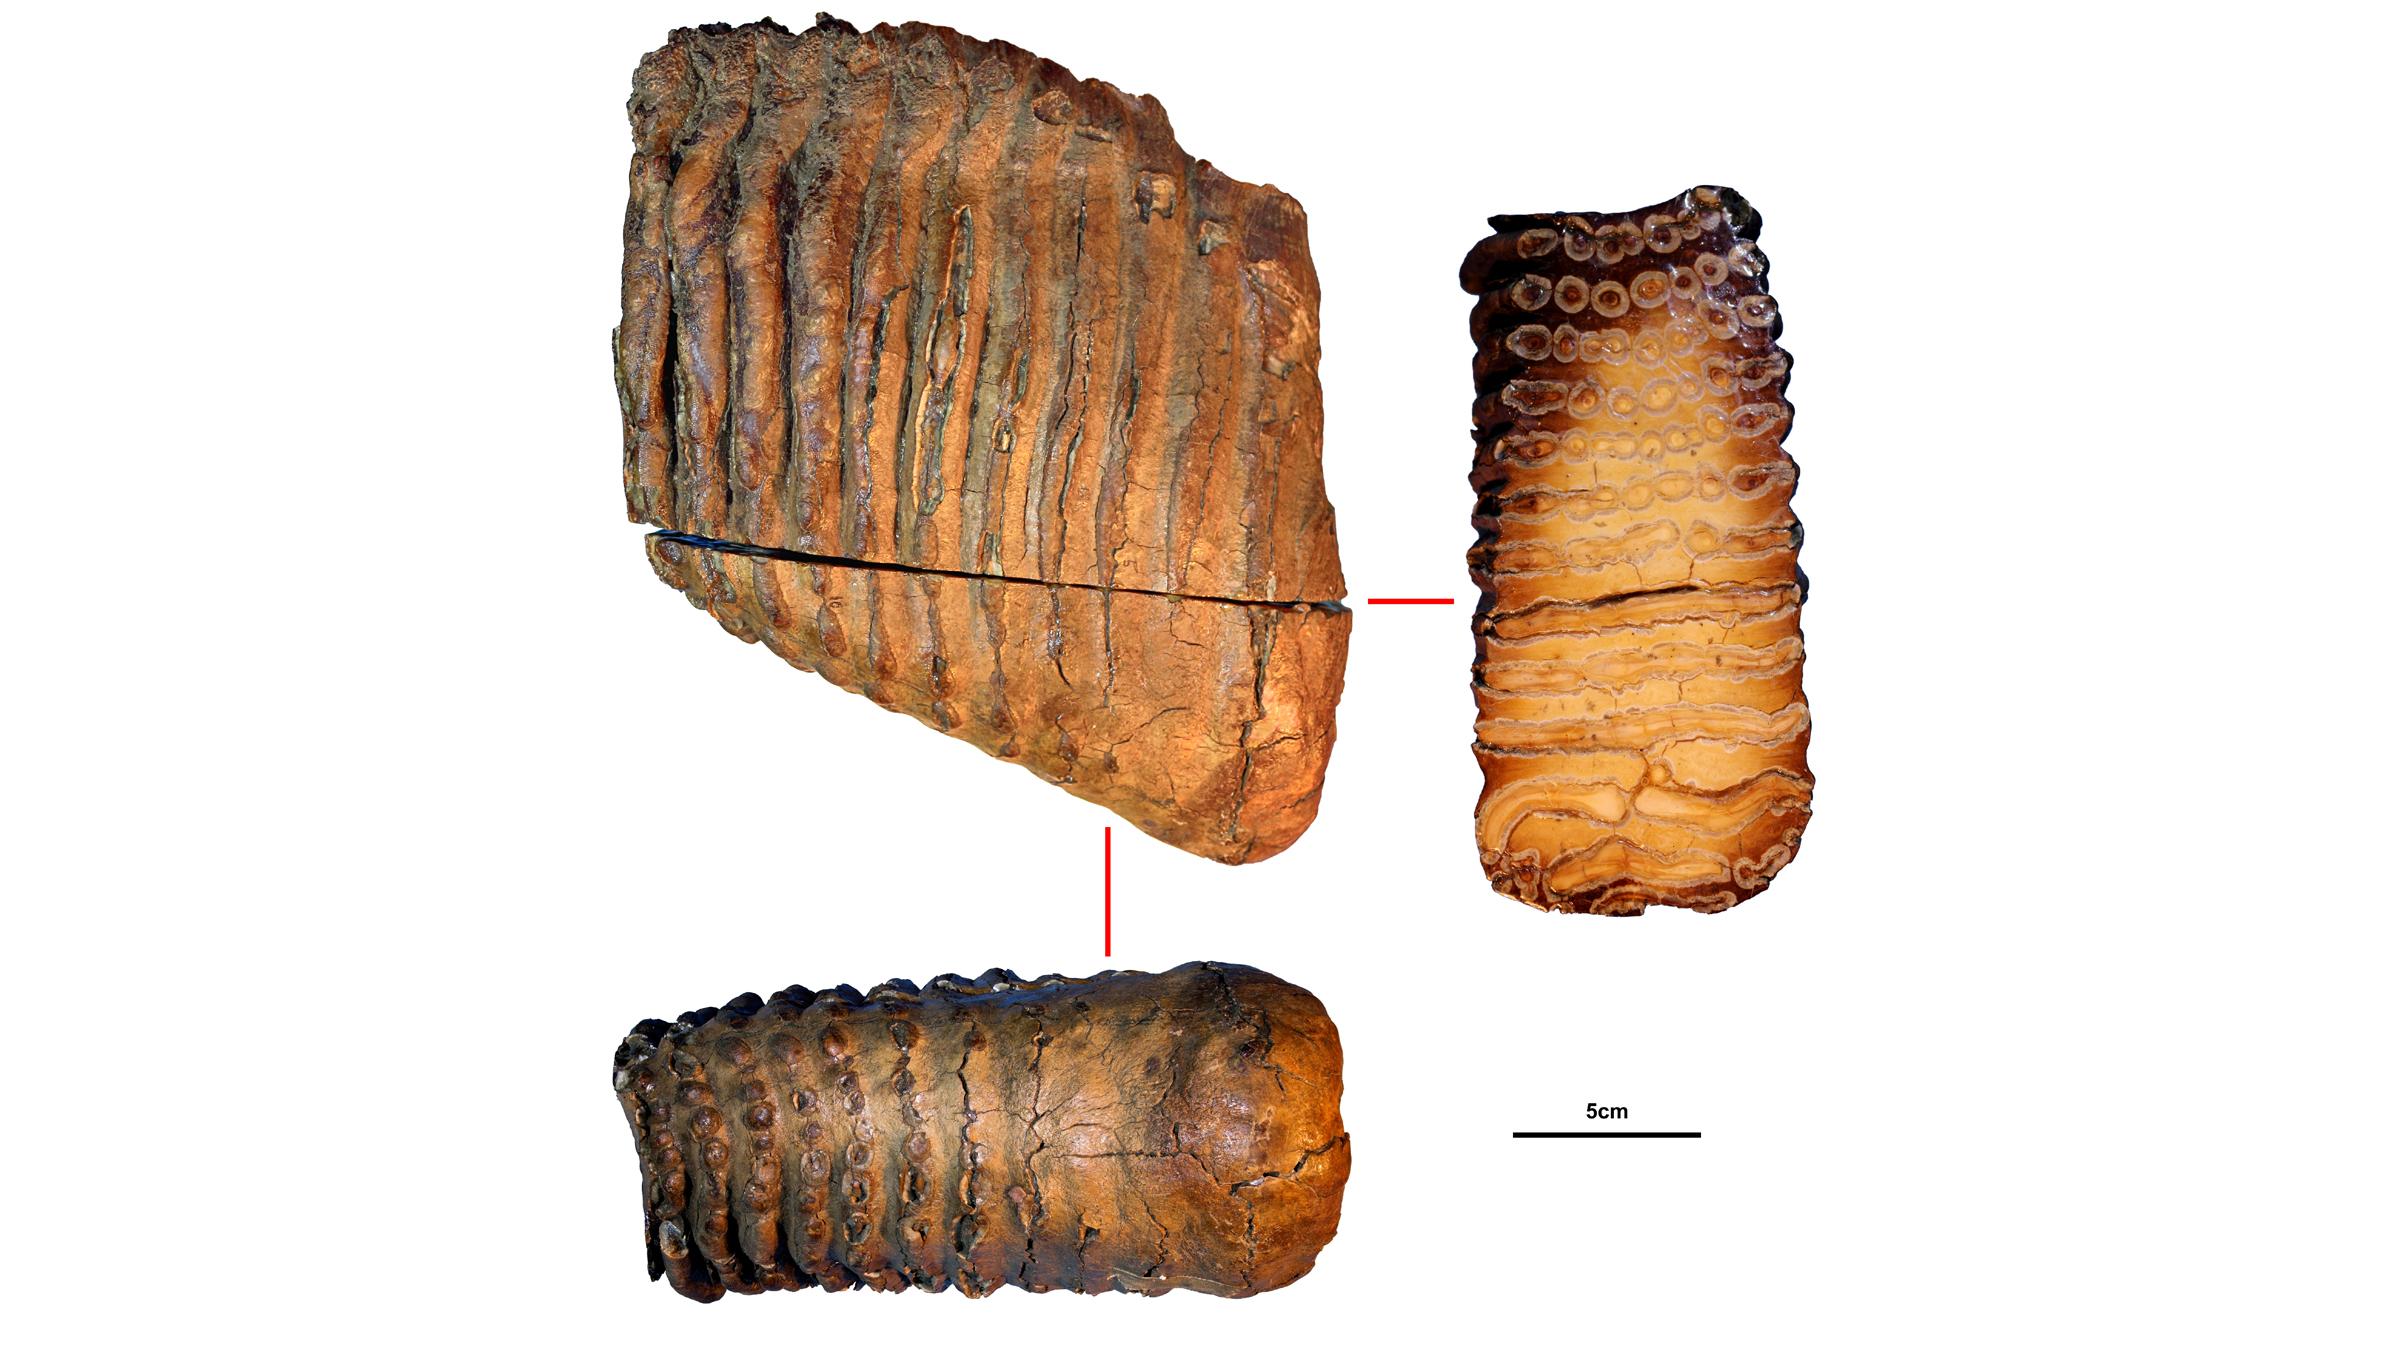 La molaire du mystérieux mammouth Krestovka, qui a vécu il y a environ 1,2 million d'années.